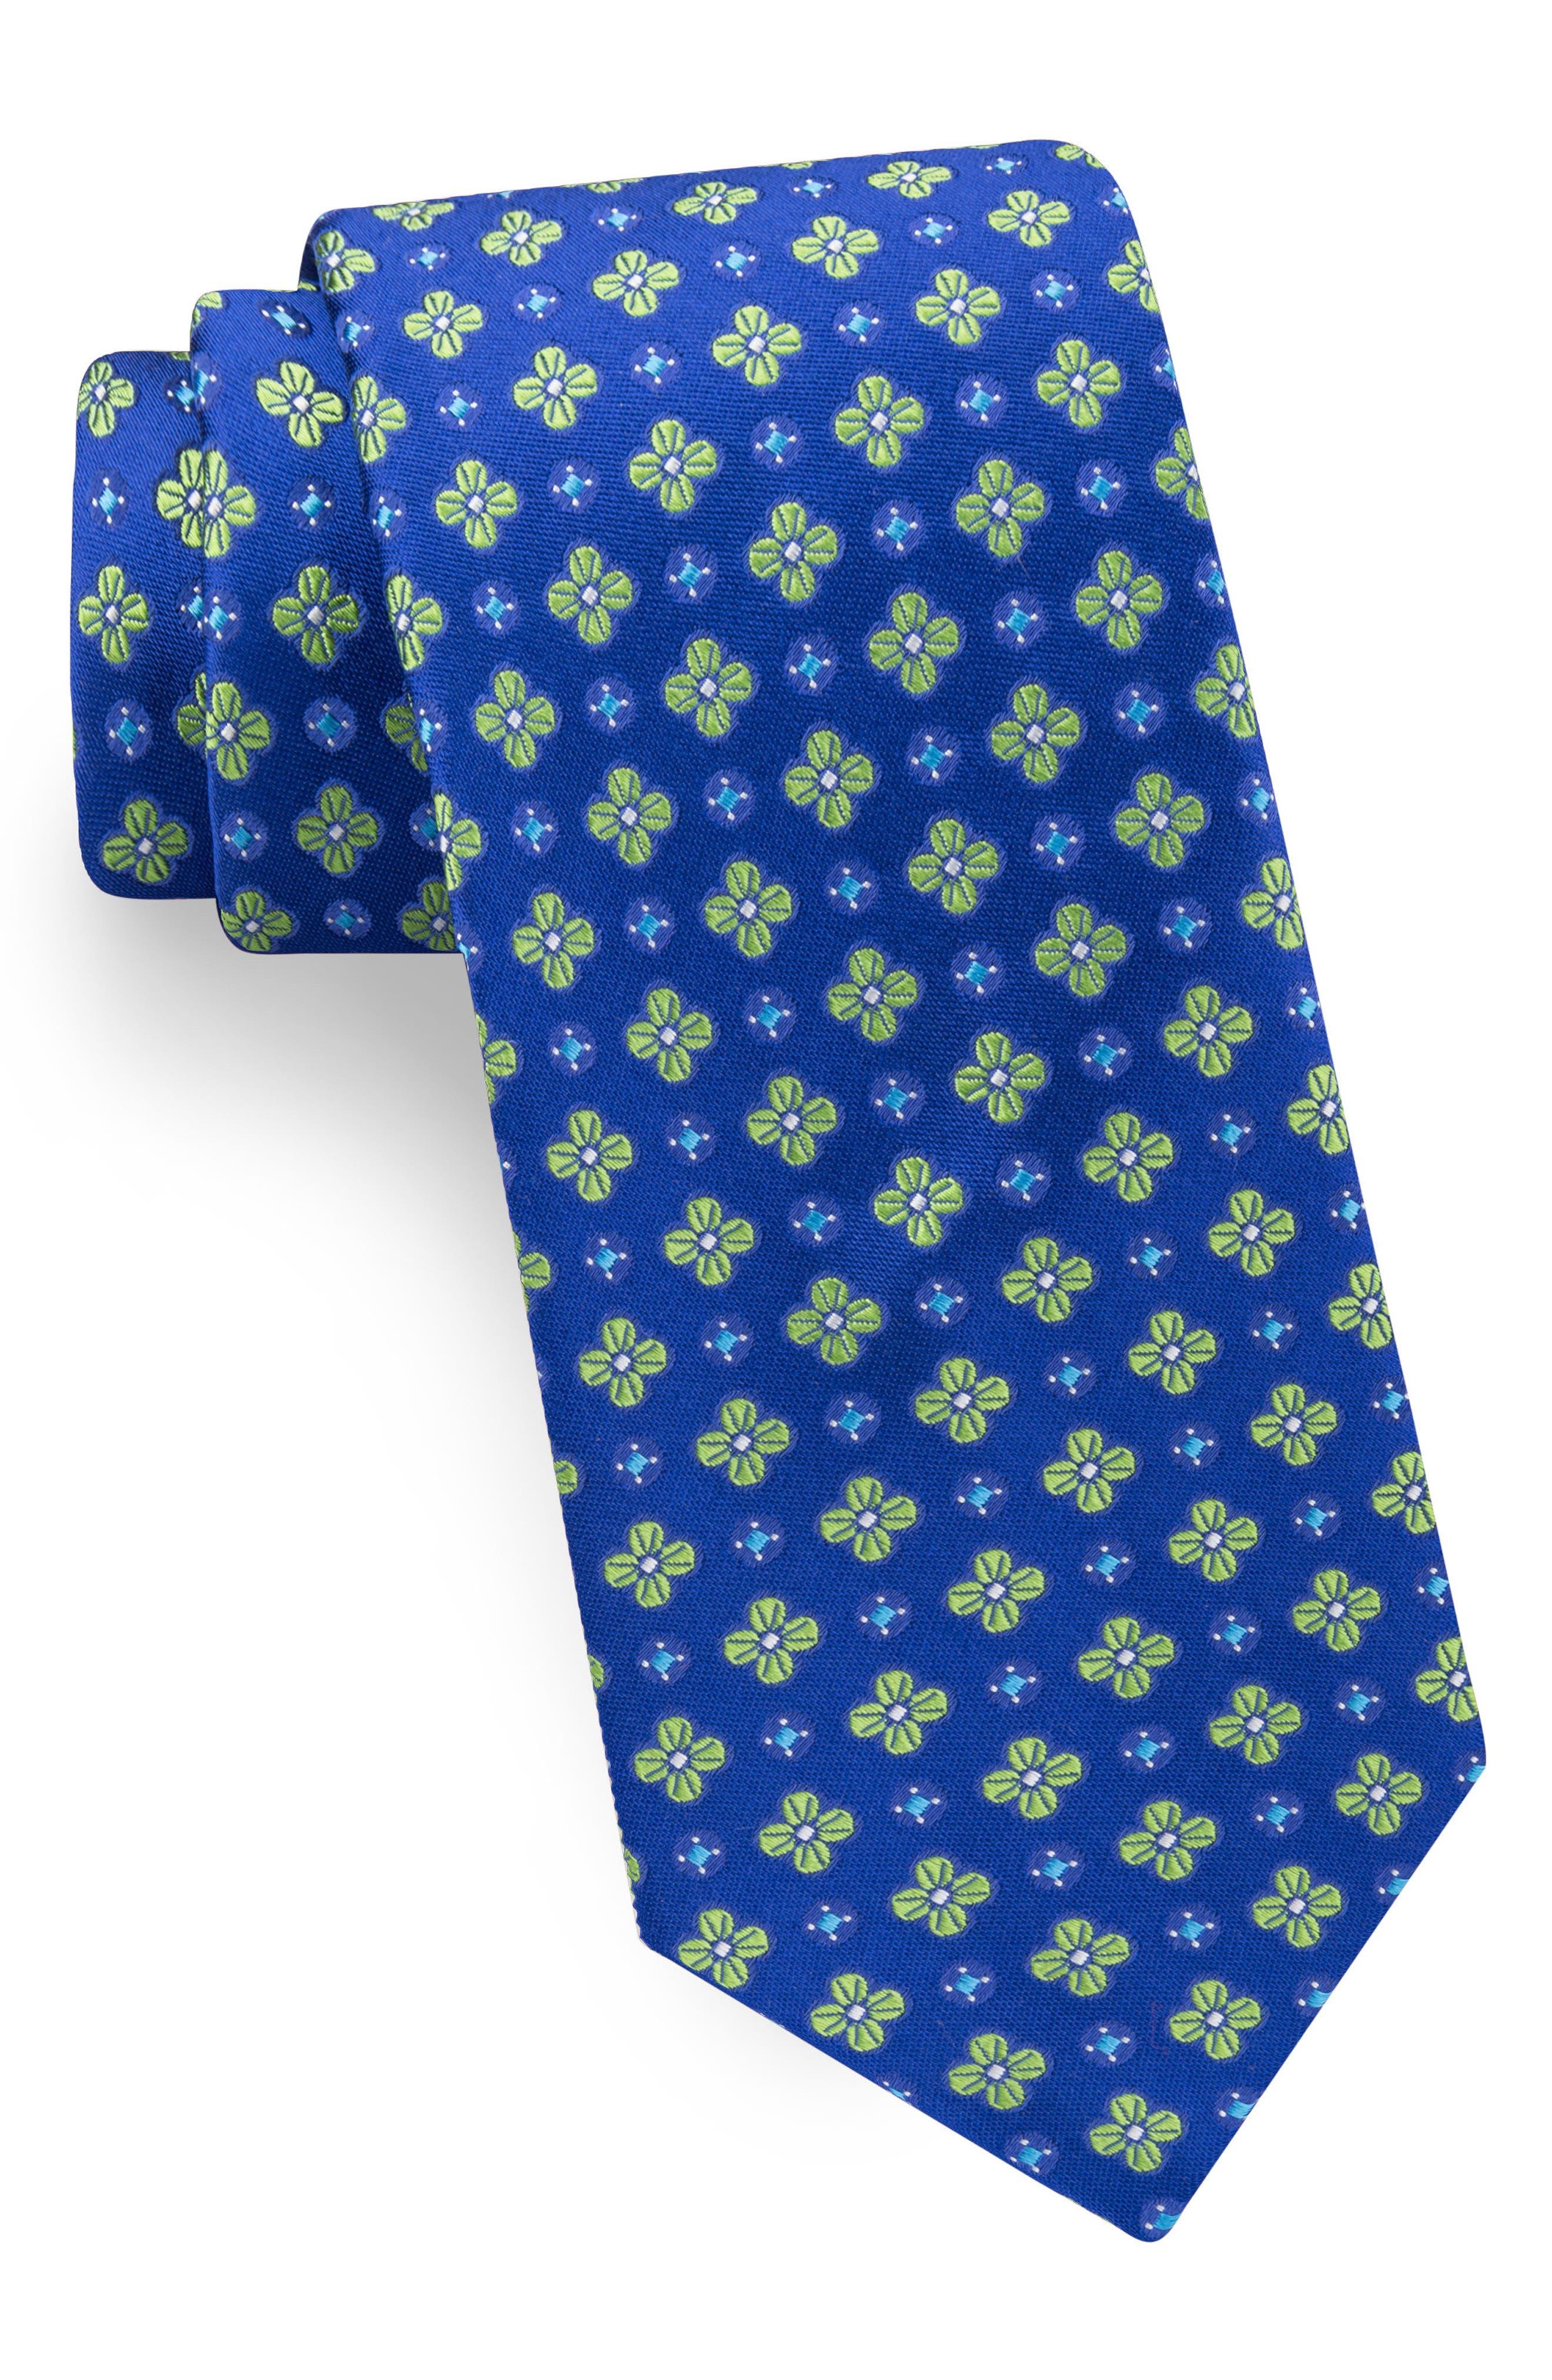 Lansbury Floral Silk Tie,                         Main,                         color, 475